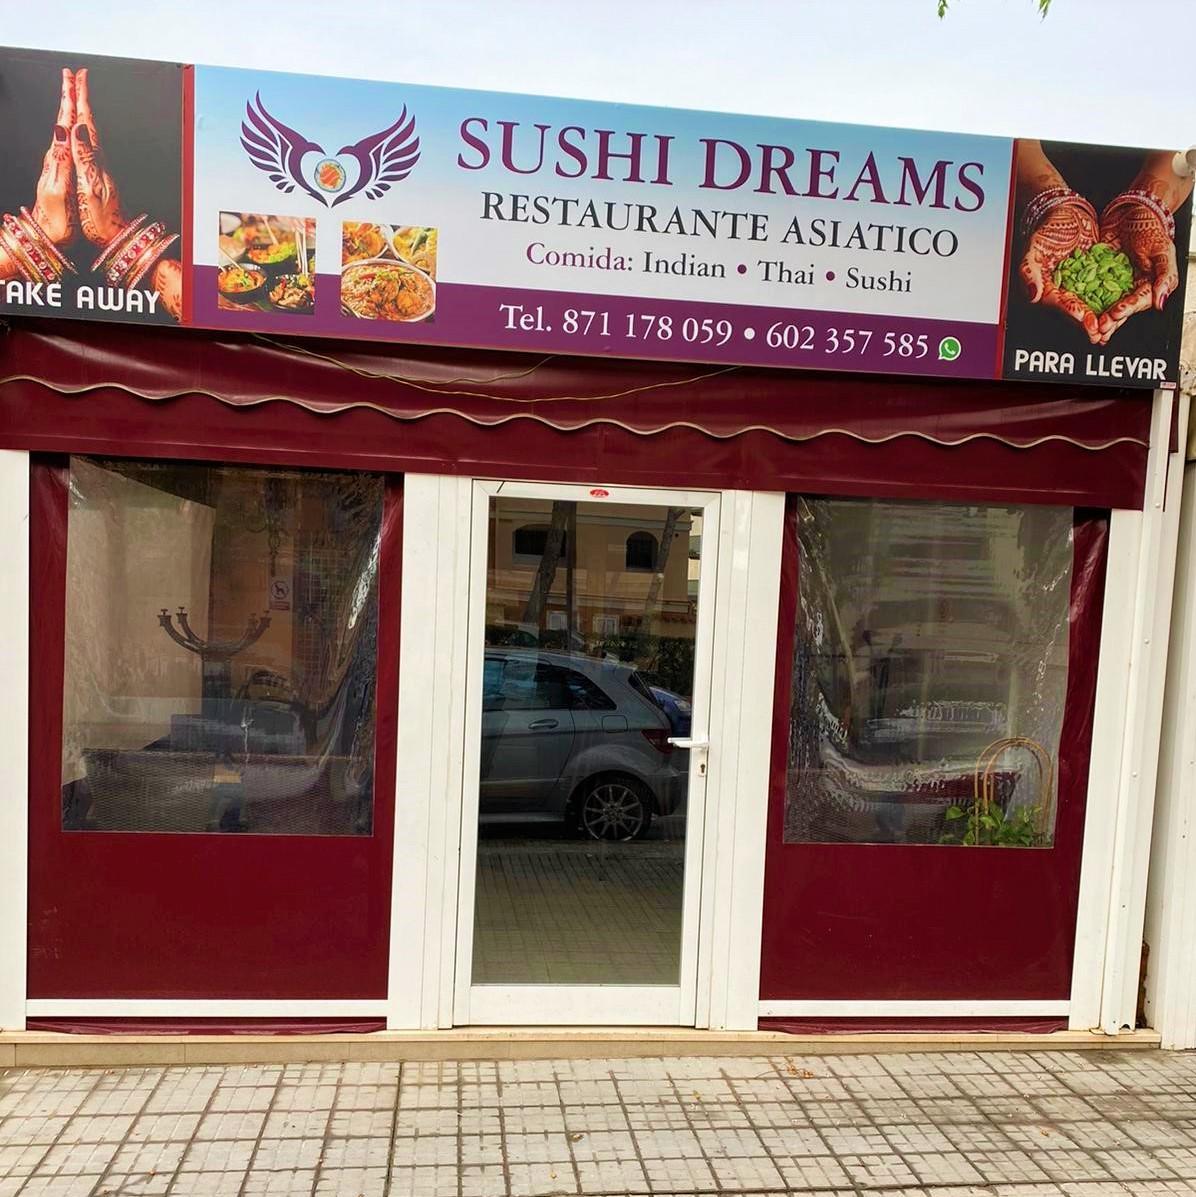 Sushi Dreams Restaurante Asiatico